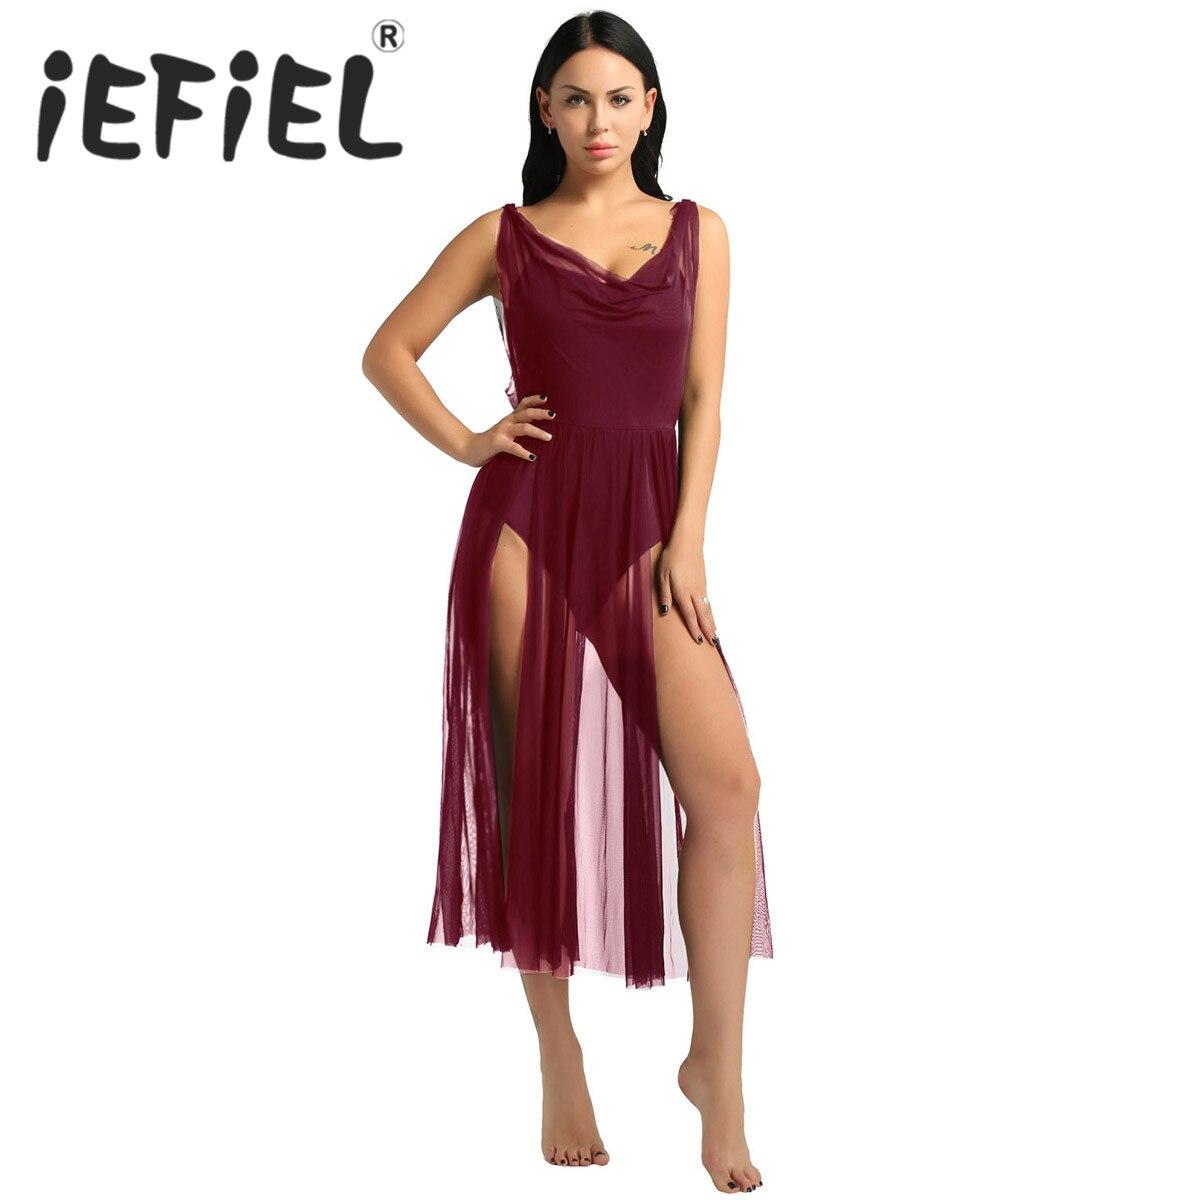 New Arrival Girls Women Adult Sleeveless Mesh Split Front Built In Shelf Bra Leotard Bodysuit Ballet Dance Performance Dresses